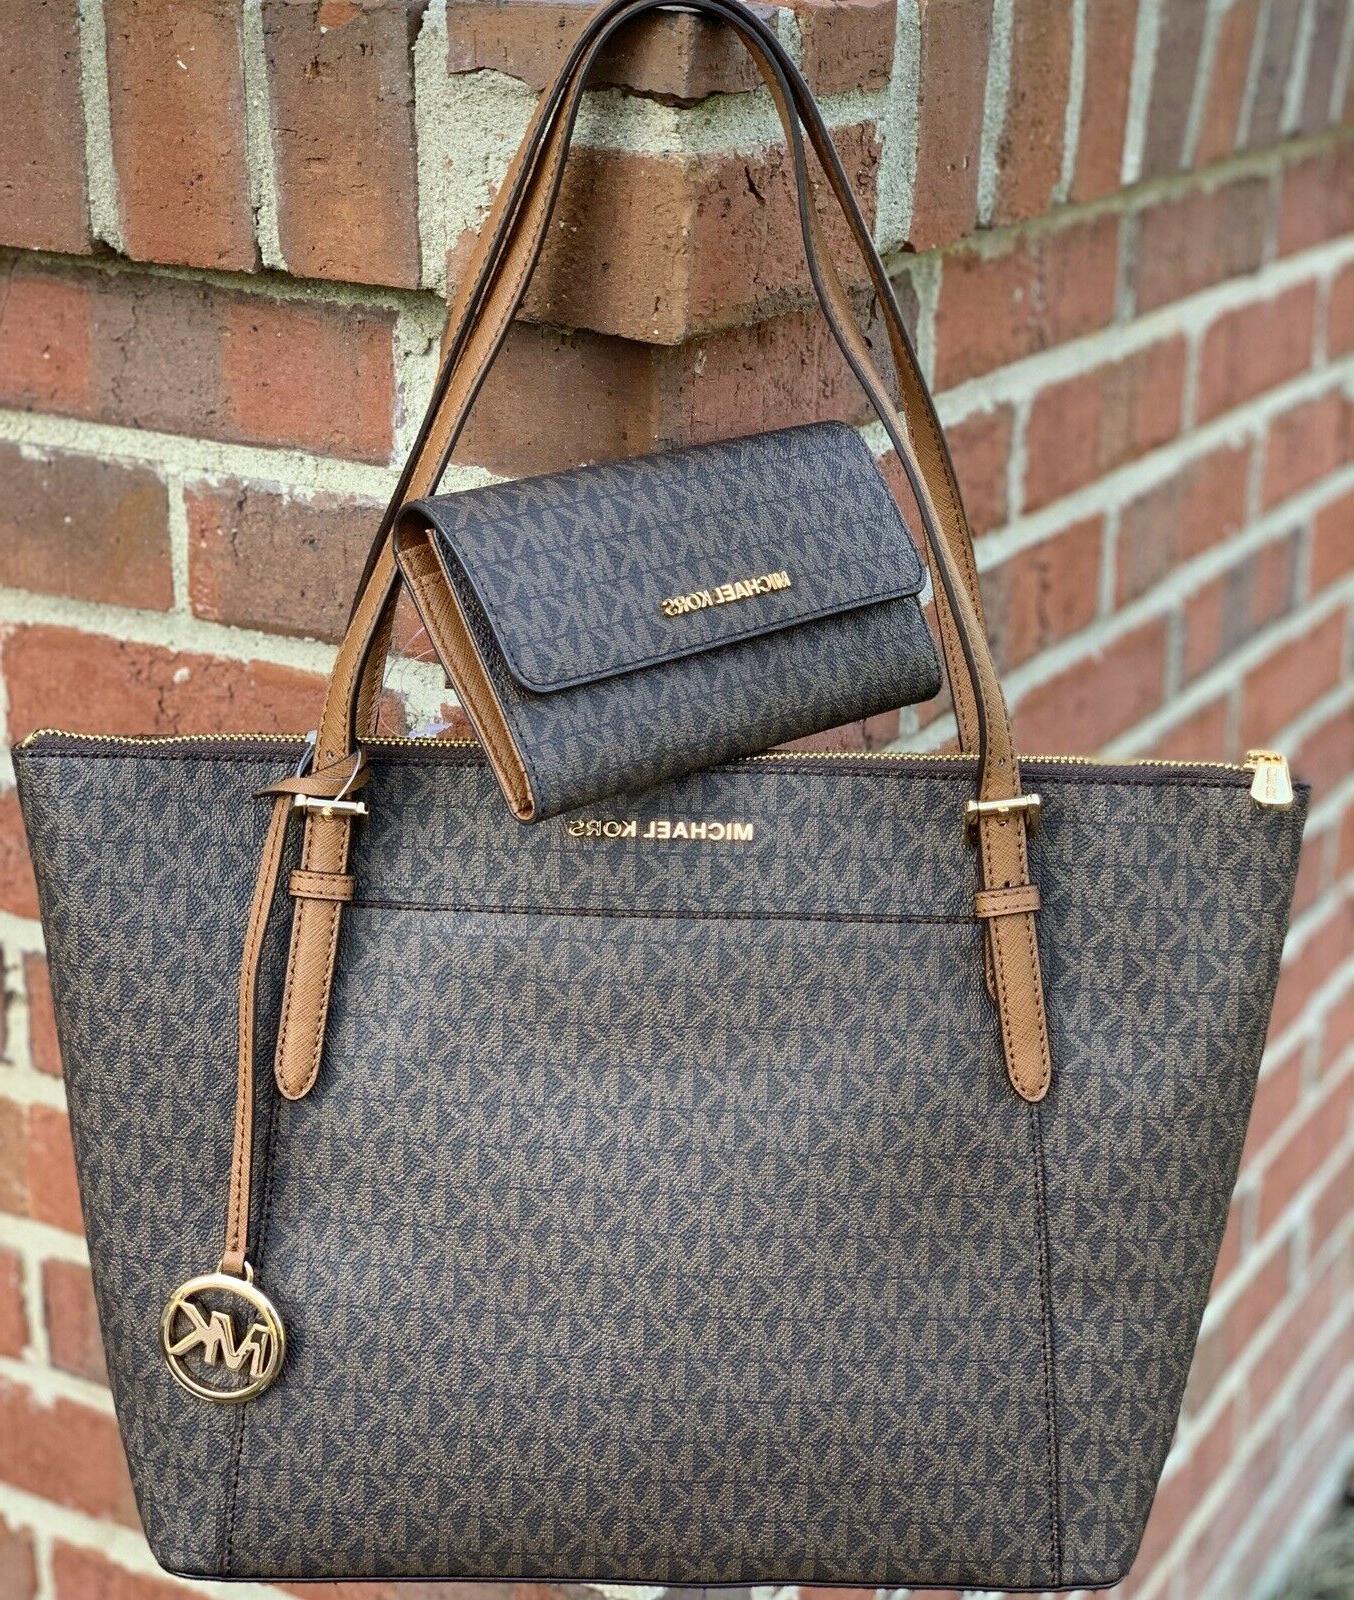 ciara lg shoulder bag tote brown signature